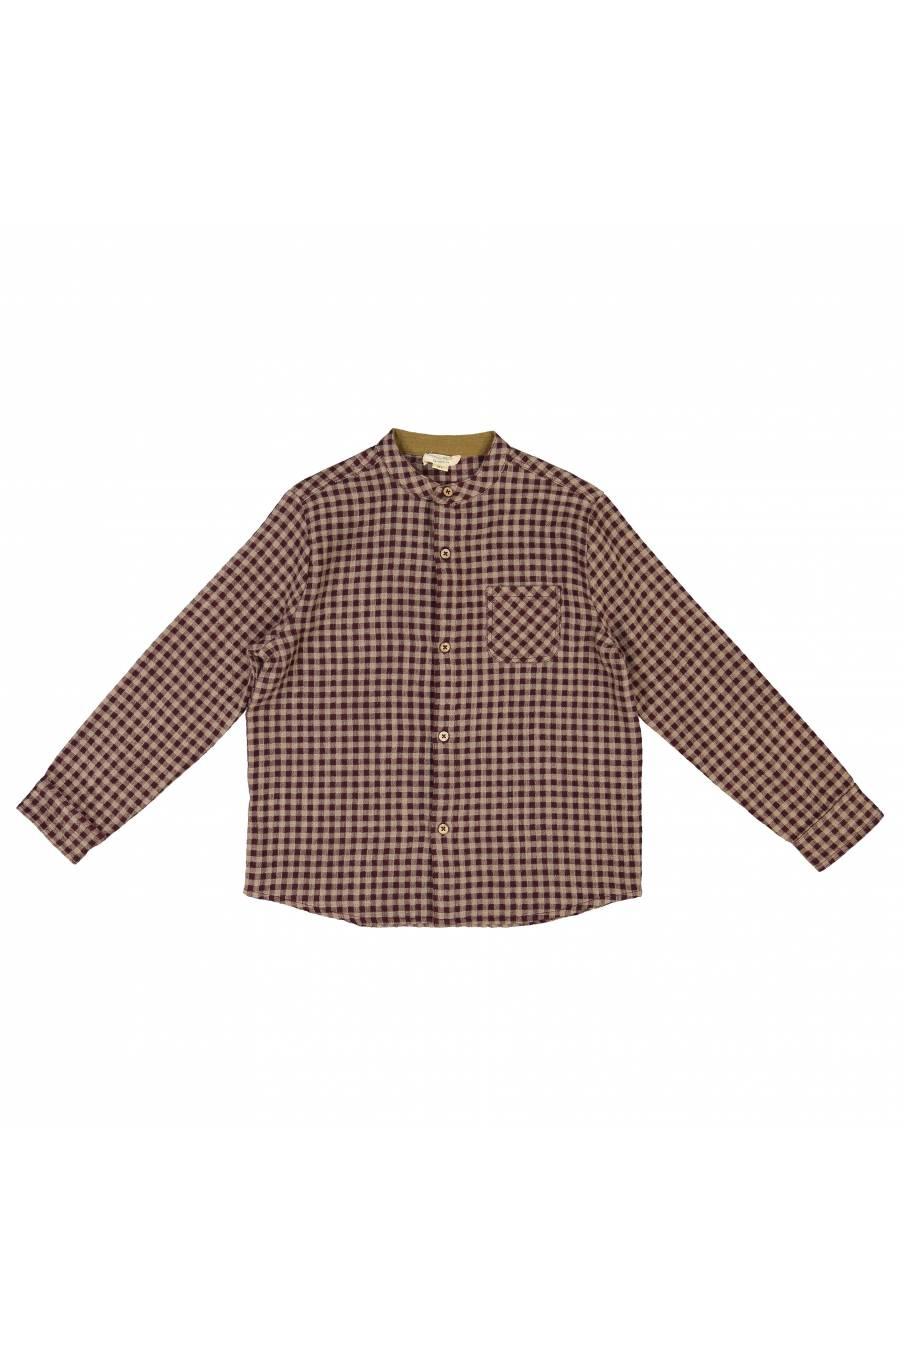 boheme chic vintage chemise bébé garcon akir aubergine vichy